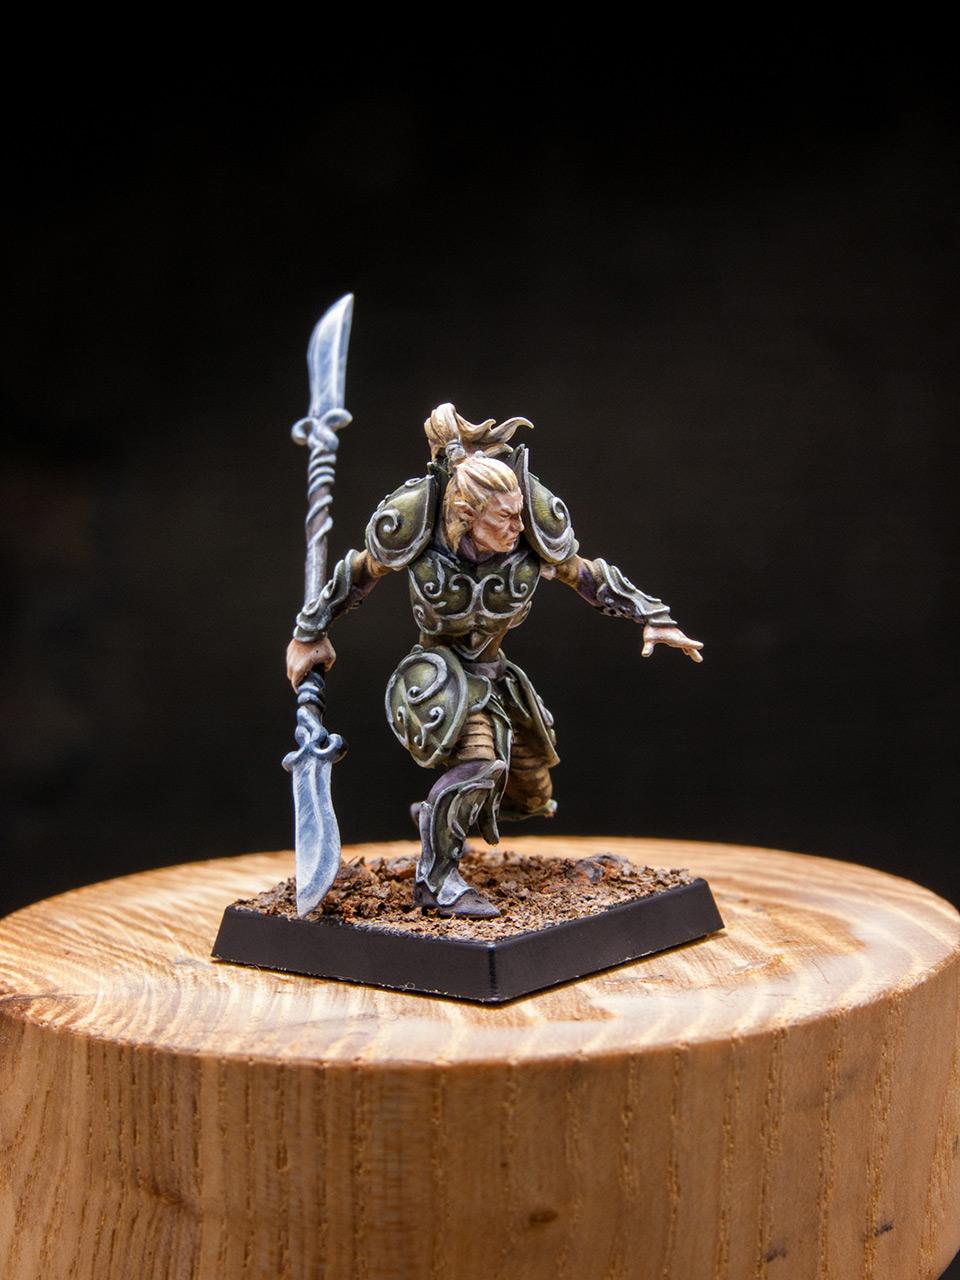 Разное: Эльфы Серебряной гвардии, фото #8